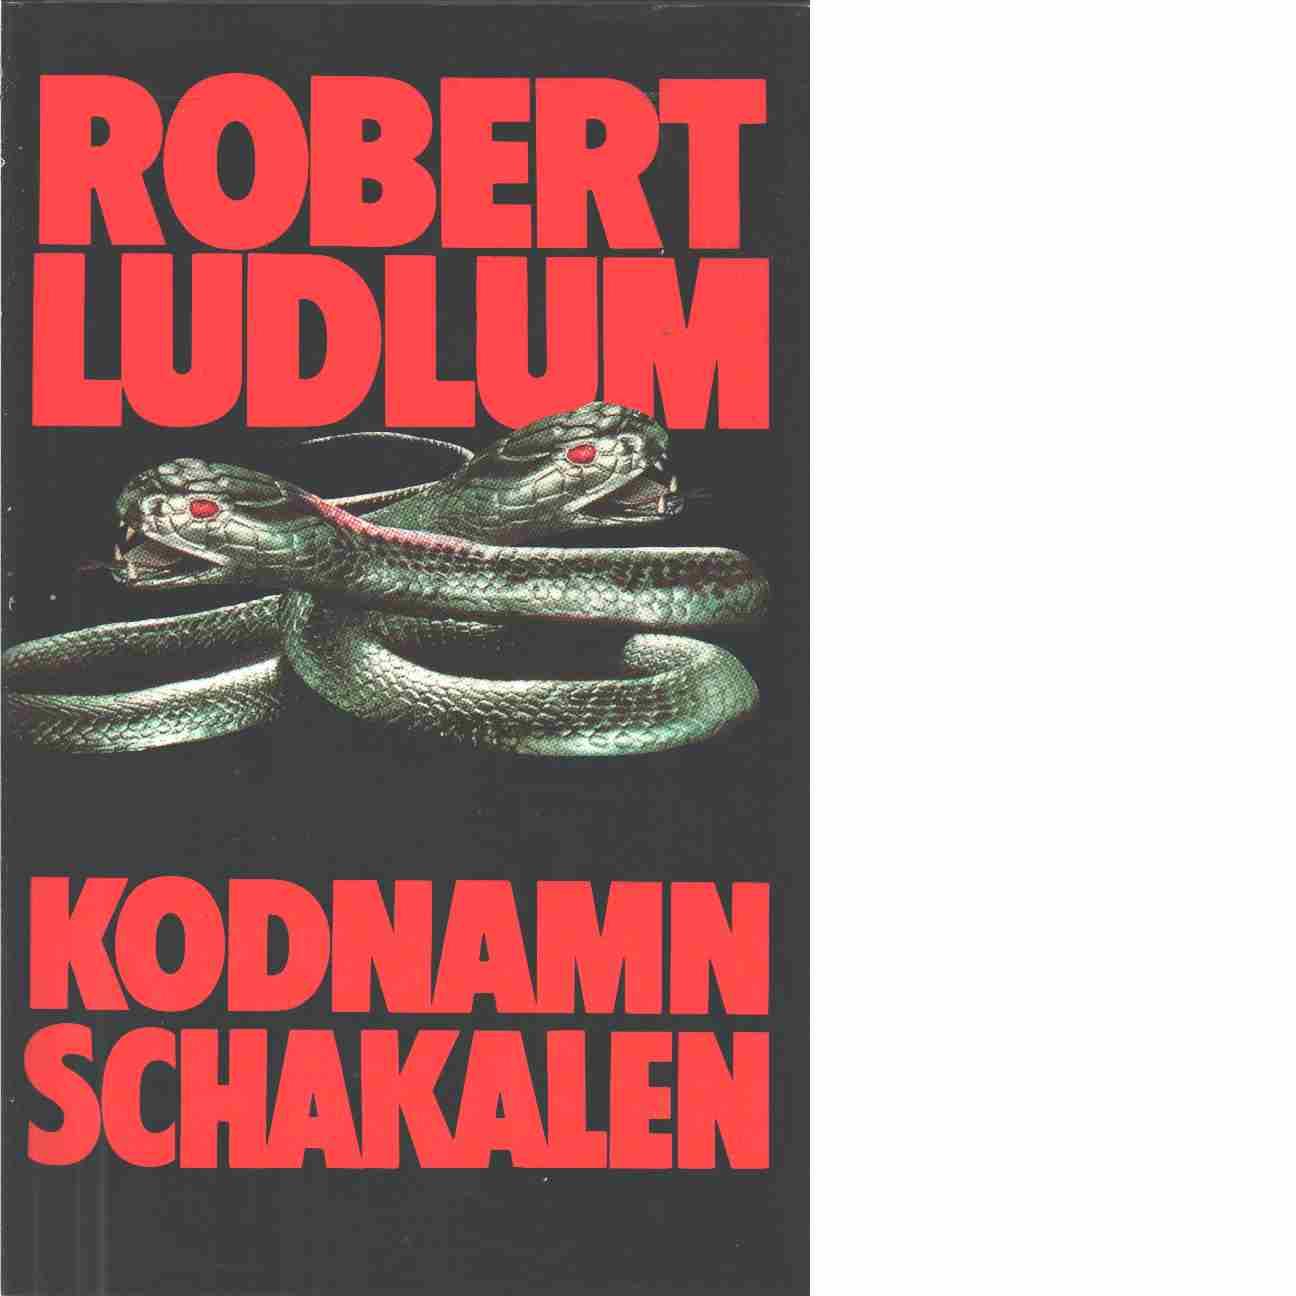 Kodnamn Schakalen - Ludlum, Robert